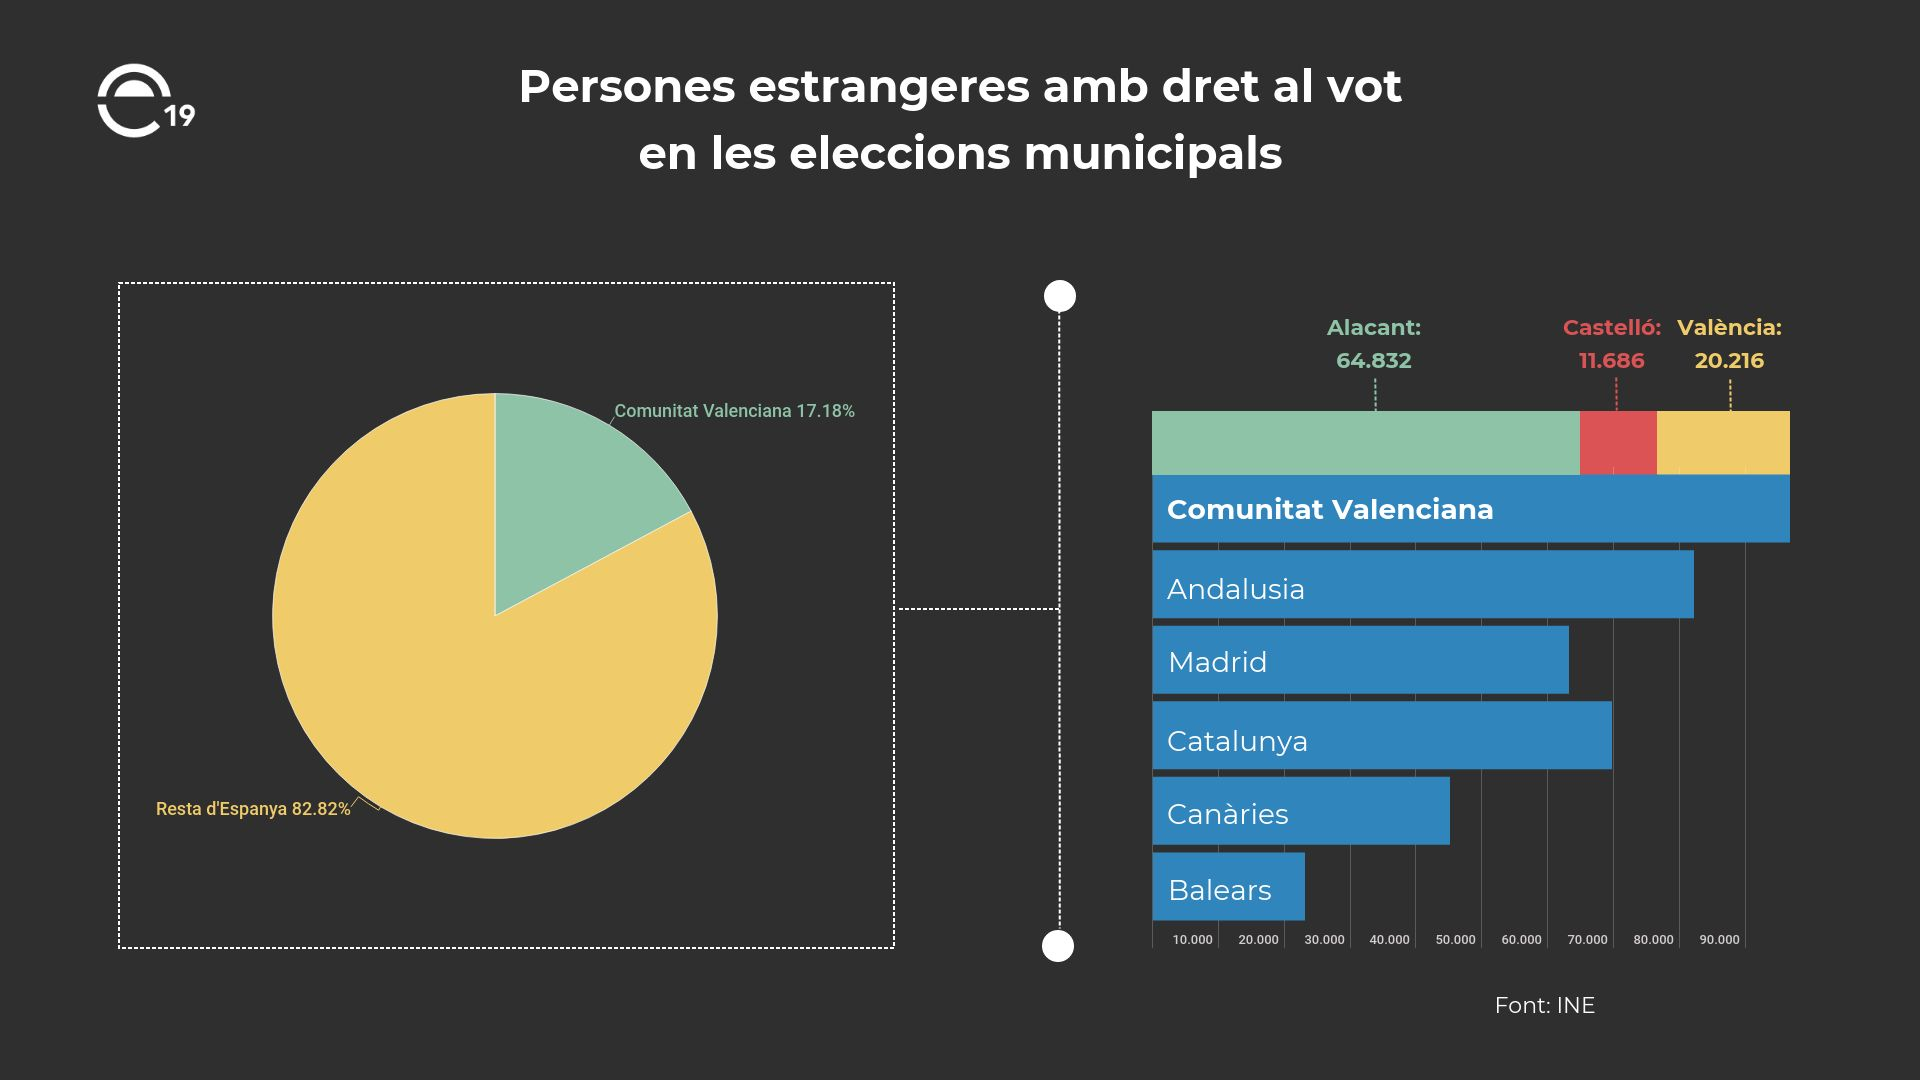 La Comunitat Valenciana lidera el nombre de persones estrangeres amb dret al vot en les eleccions municipals